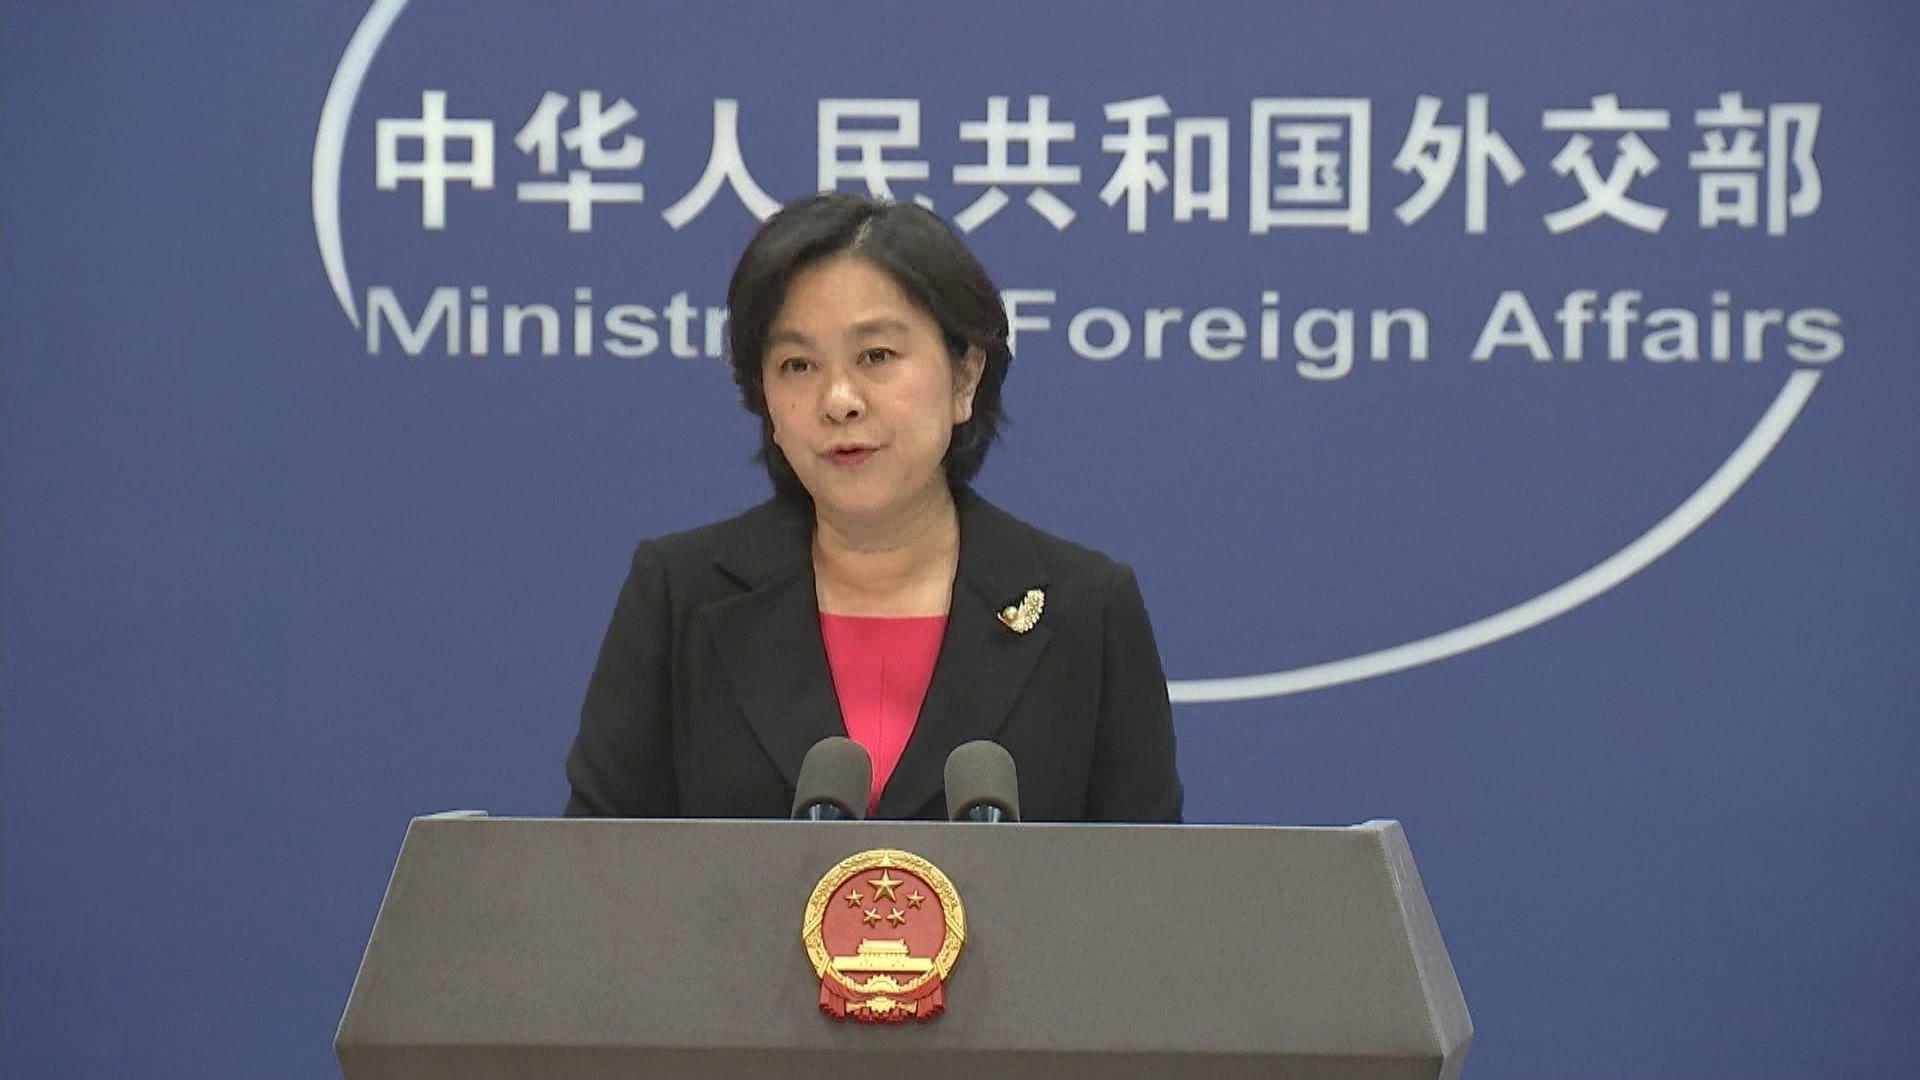 華春瑩升任為外交部部長助理